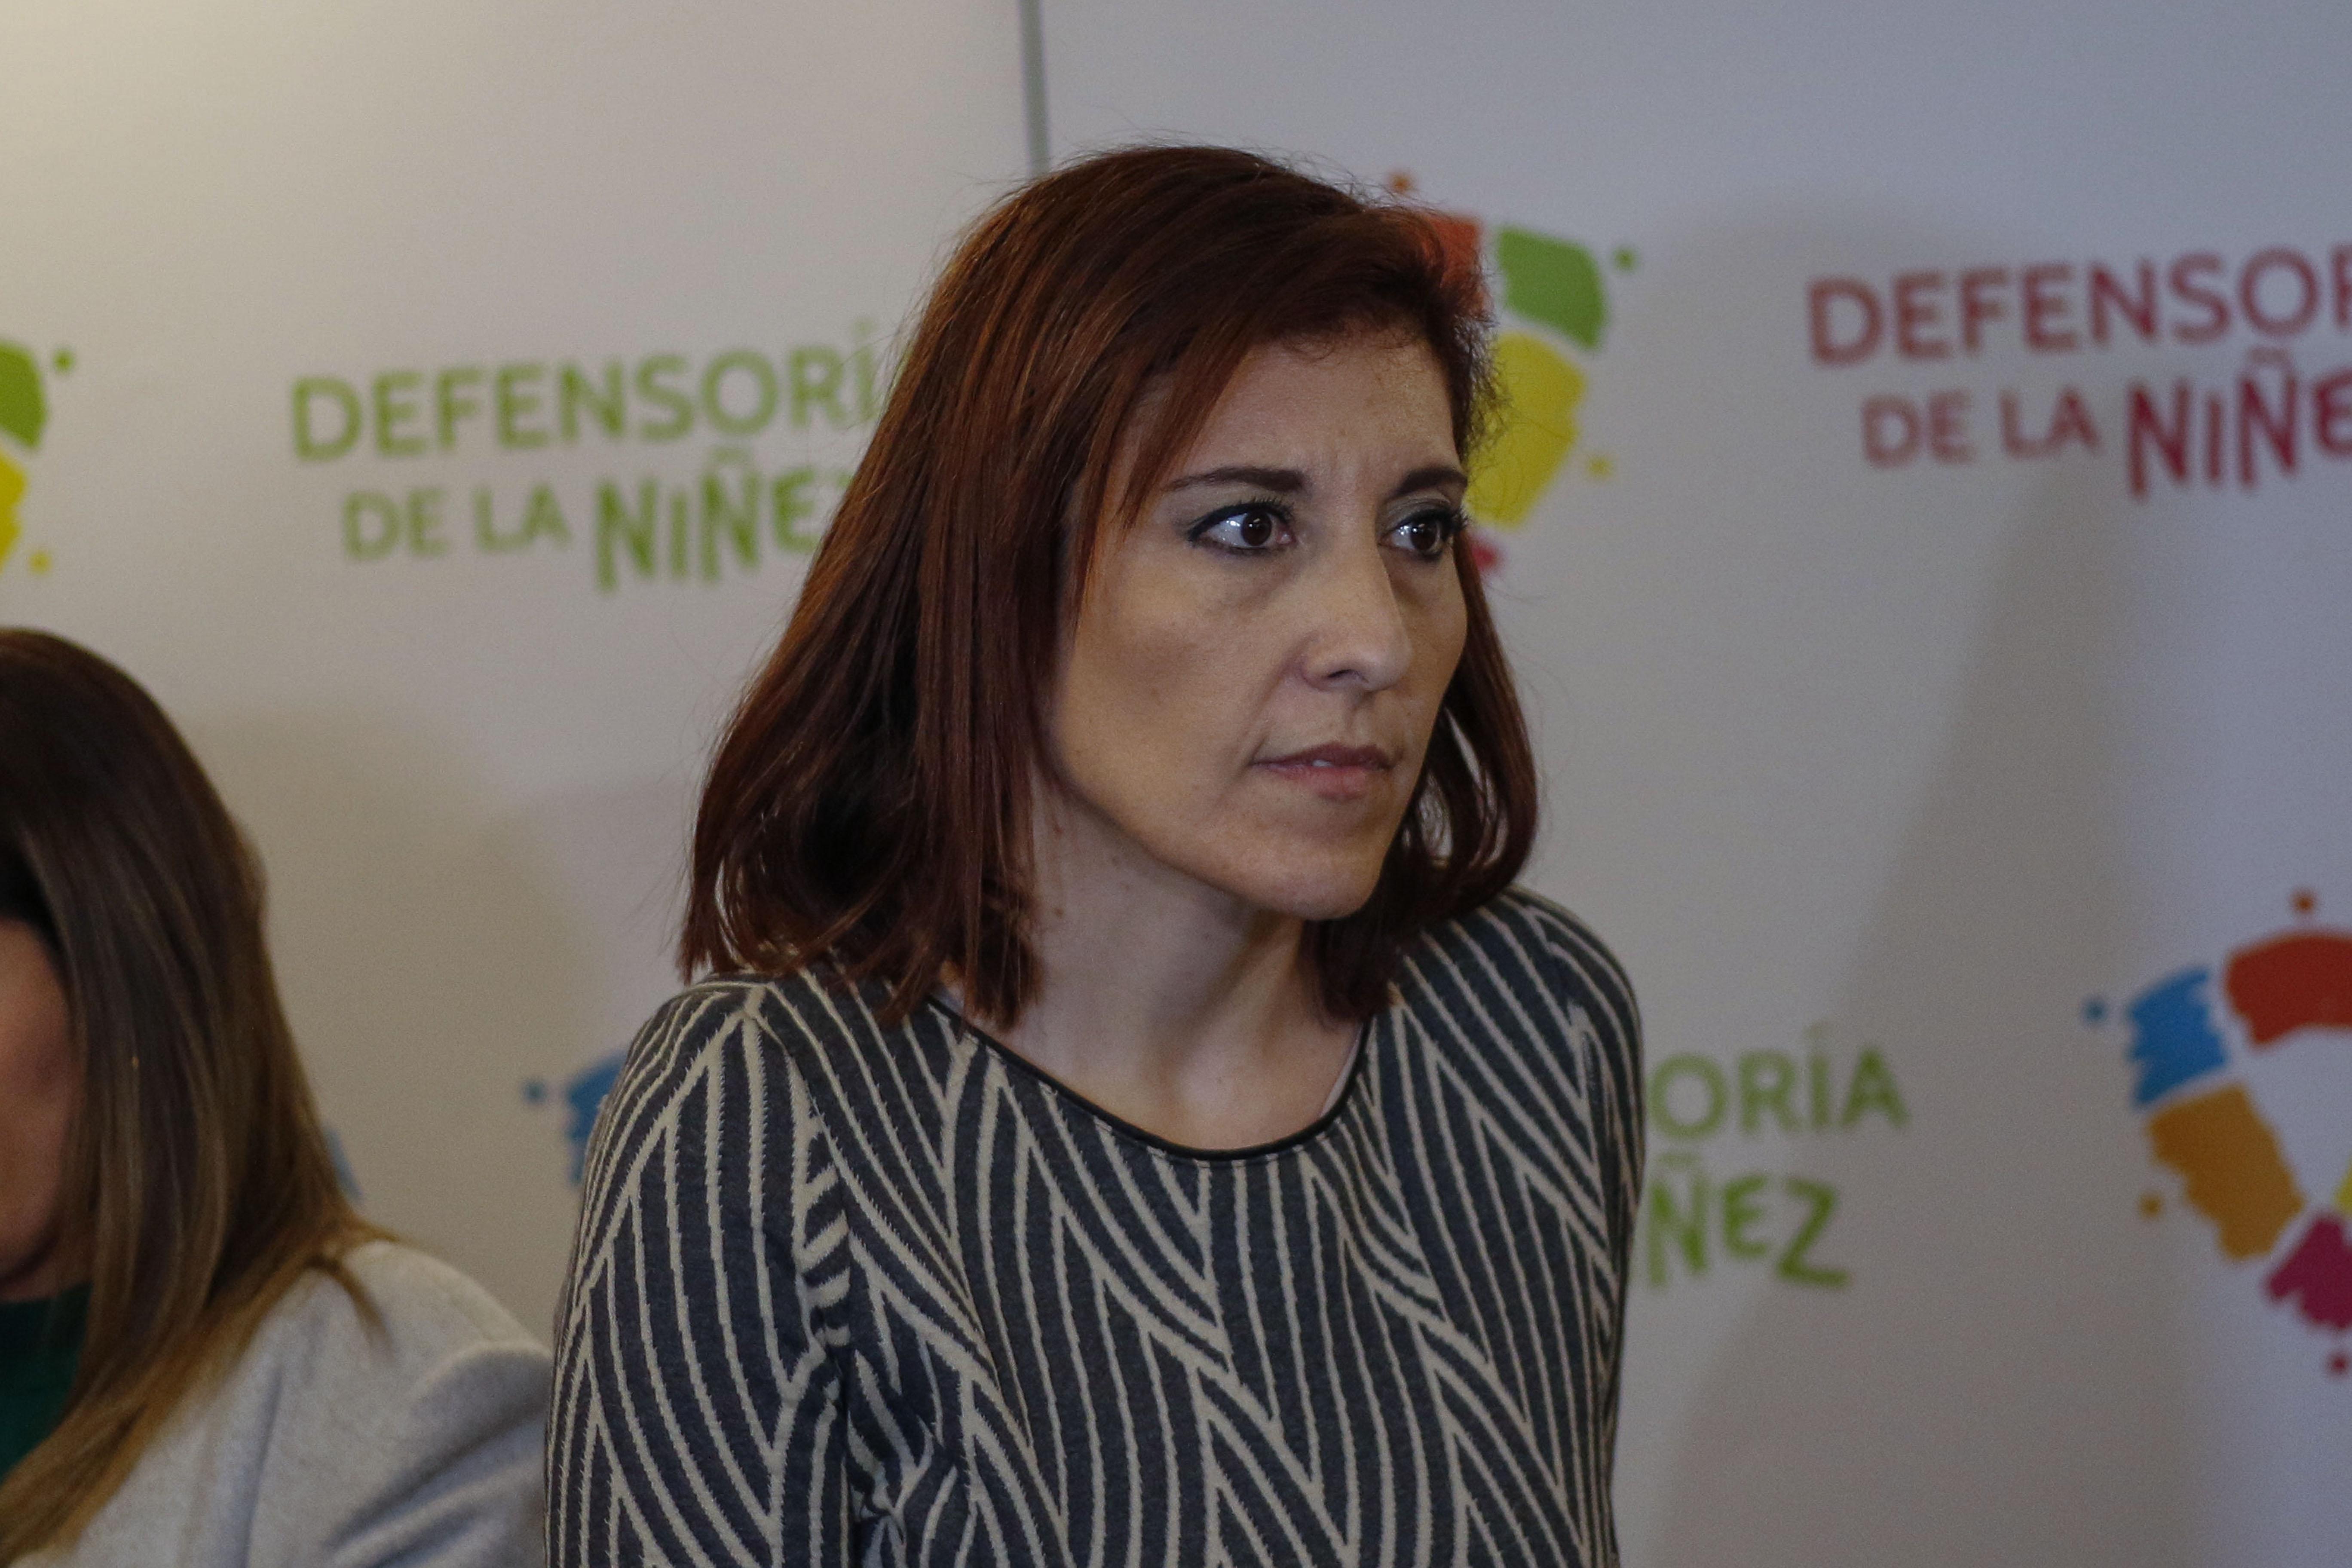 """Defensora de la Niñez por presupuesto: """"Niños primero es sólo discurso"""""""